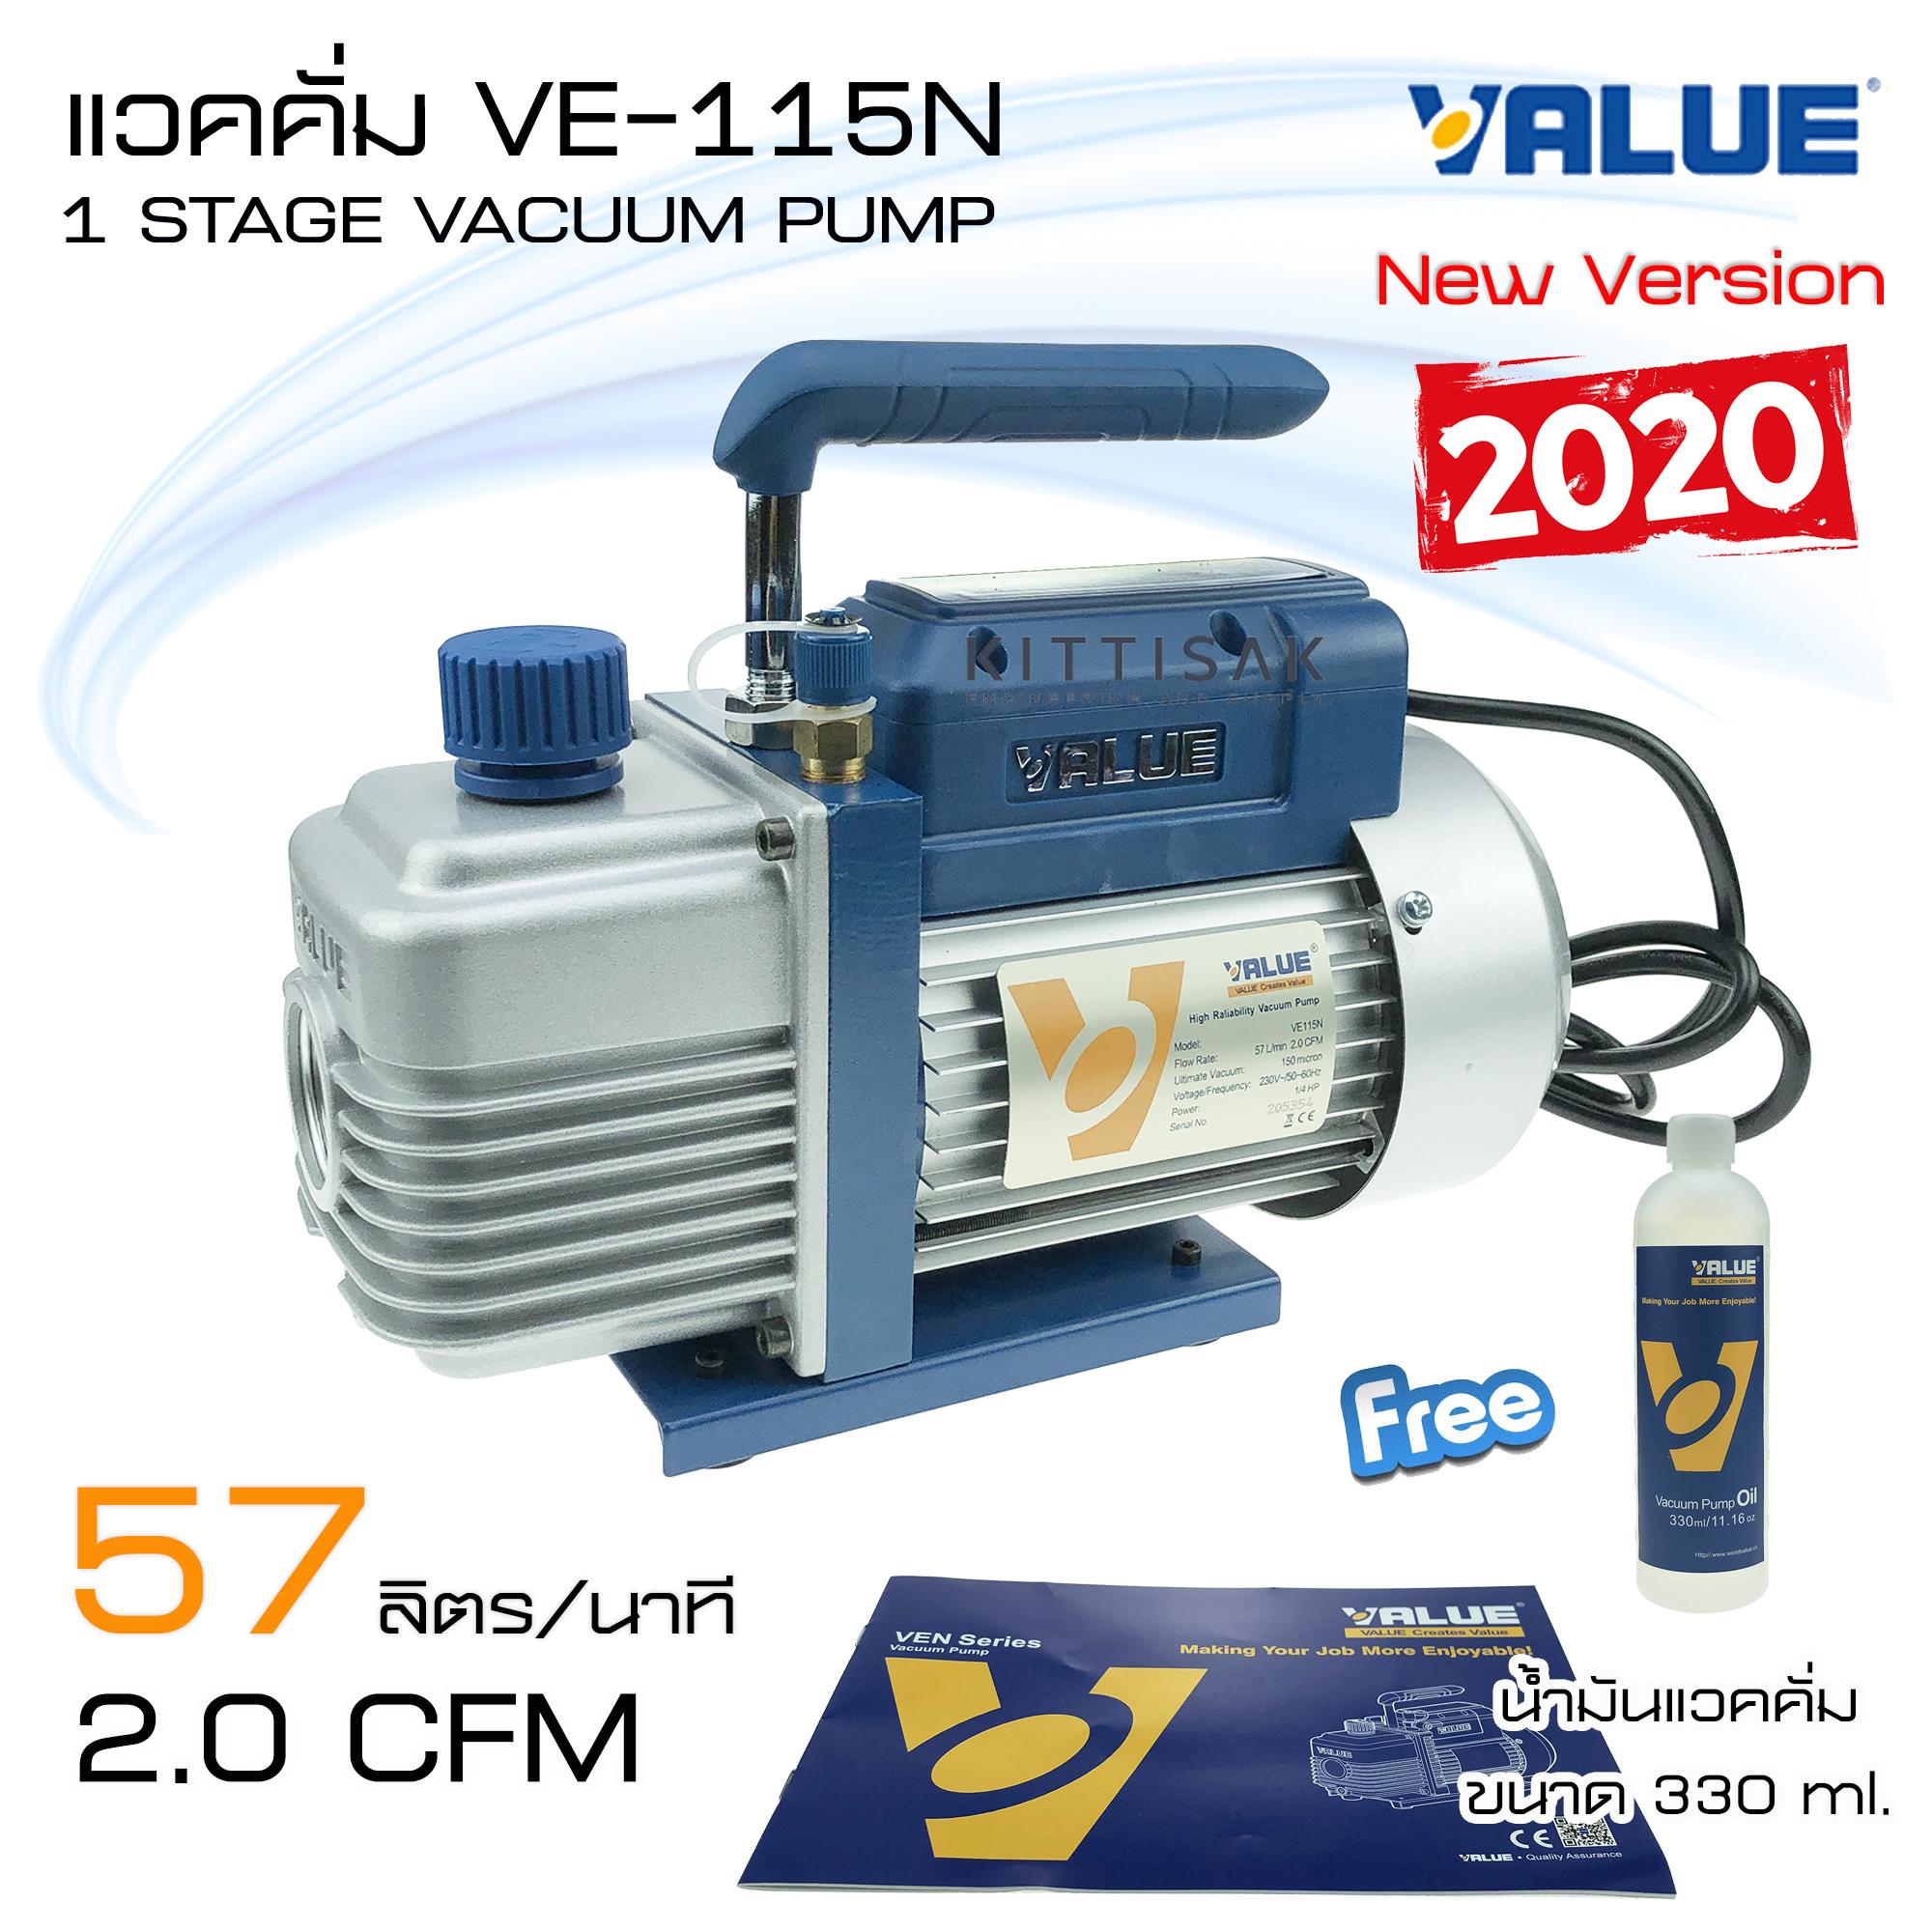 แวคคั่มปั๊ม ยี่ห้อ Value รุ่น Ve115n 57 ลิตร/นาที แวคคั่ม (ปั๊มสูญญากาศแอร์) แว็คคั่ม เครื่องแวคคั่ม.